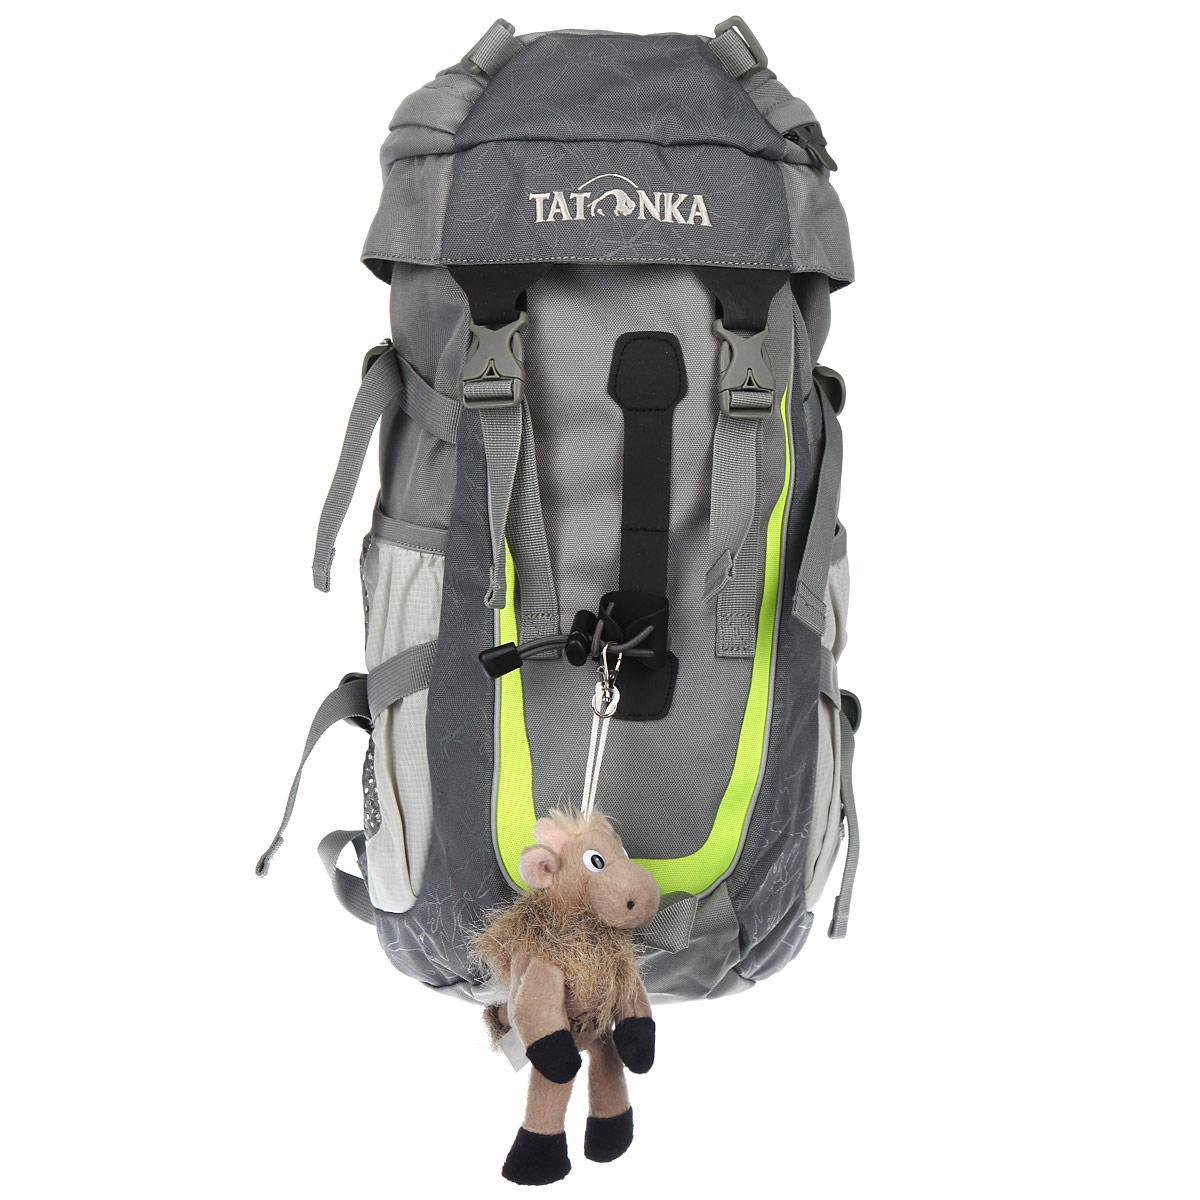 Детский рюкзак Tatonka Mowgli, цвет: серый. 1806.0431806.043Настоящий трекинговый рюкзак Tatonka Mowgli для детей старше 6 лет. По оснащению Mowgli ни в чем не уступает взрослым трекинговым рюкзакам. Система подвески и спинка с мягкой подкладкой специально разработаны с учетом детской анатомии. Рюкзак состоит из одного отделения, которое затягивается шнурком и закрывается на клапан с пластиковыми карабинами. С внутренней и внешней стороны клапана есть врезные кармашки на застежке-молнии. На лицевой стороне рюкзак дополнен подвеской-игрушкой с логотипом Tatonka. По бокам имеются два открытых кармана, которые можно затянуть удобными ремешками. Так же по бокам по бокам рюкзак дополнен стяжками. Имеются нагрудный и поясной ремни, петля для закрепления палок. Уплотненная спинка равномерно распределяет нагрузку на плечевые суставы и спину, а две широкие лямки можно регулировать по длине.